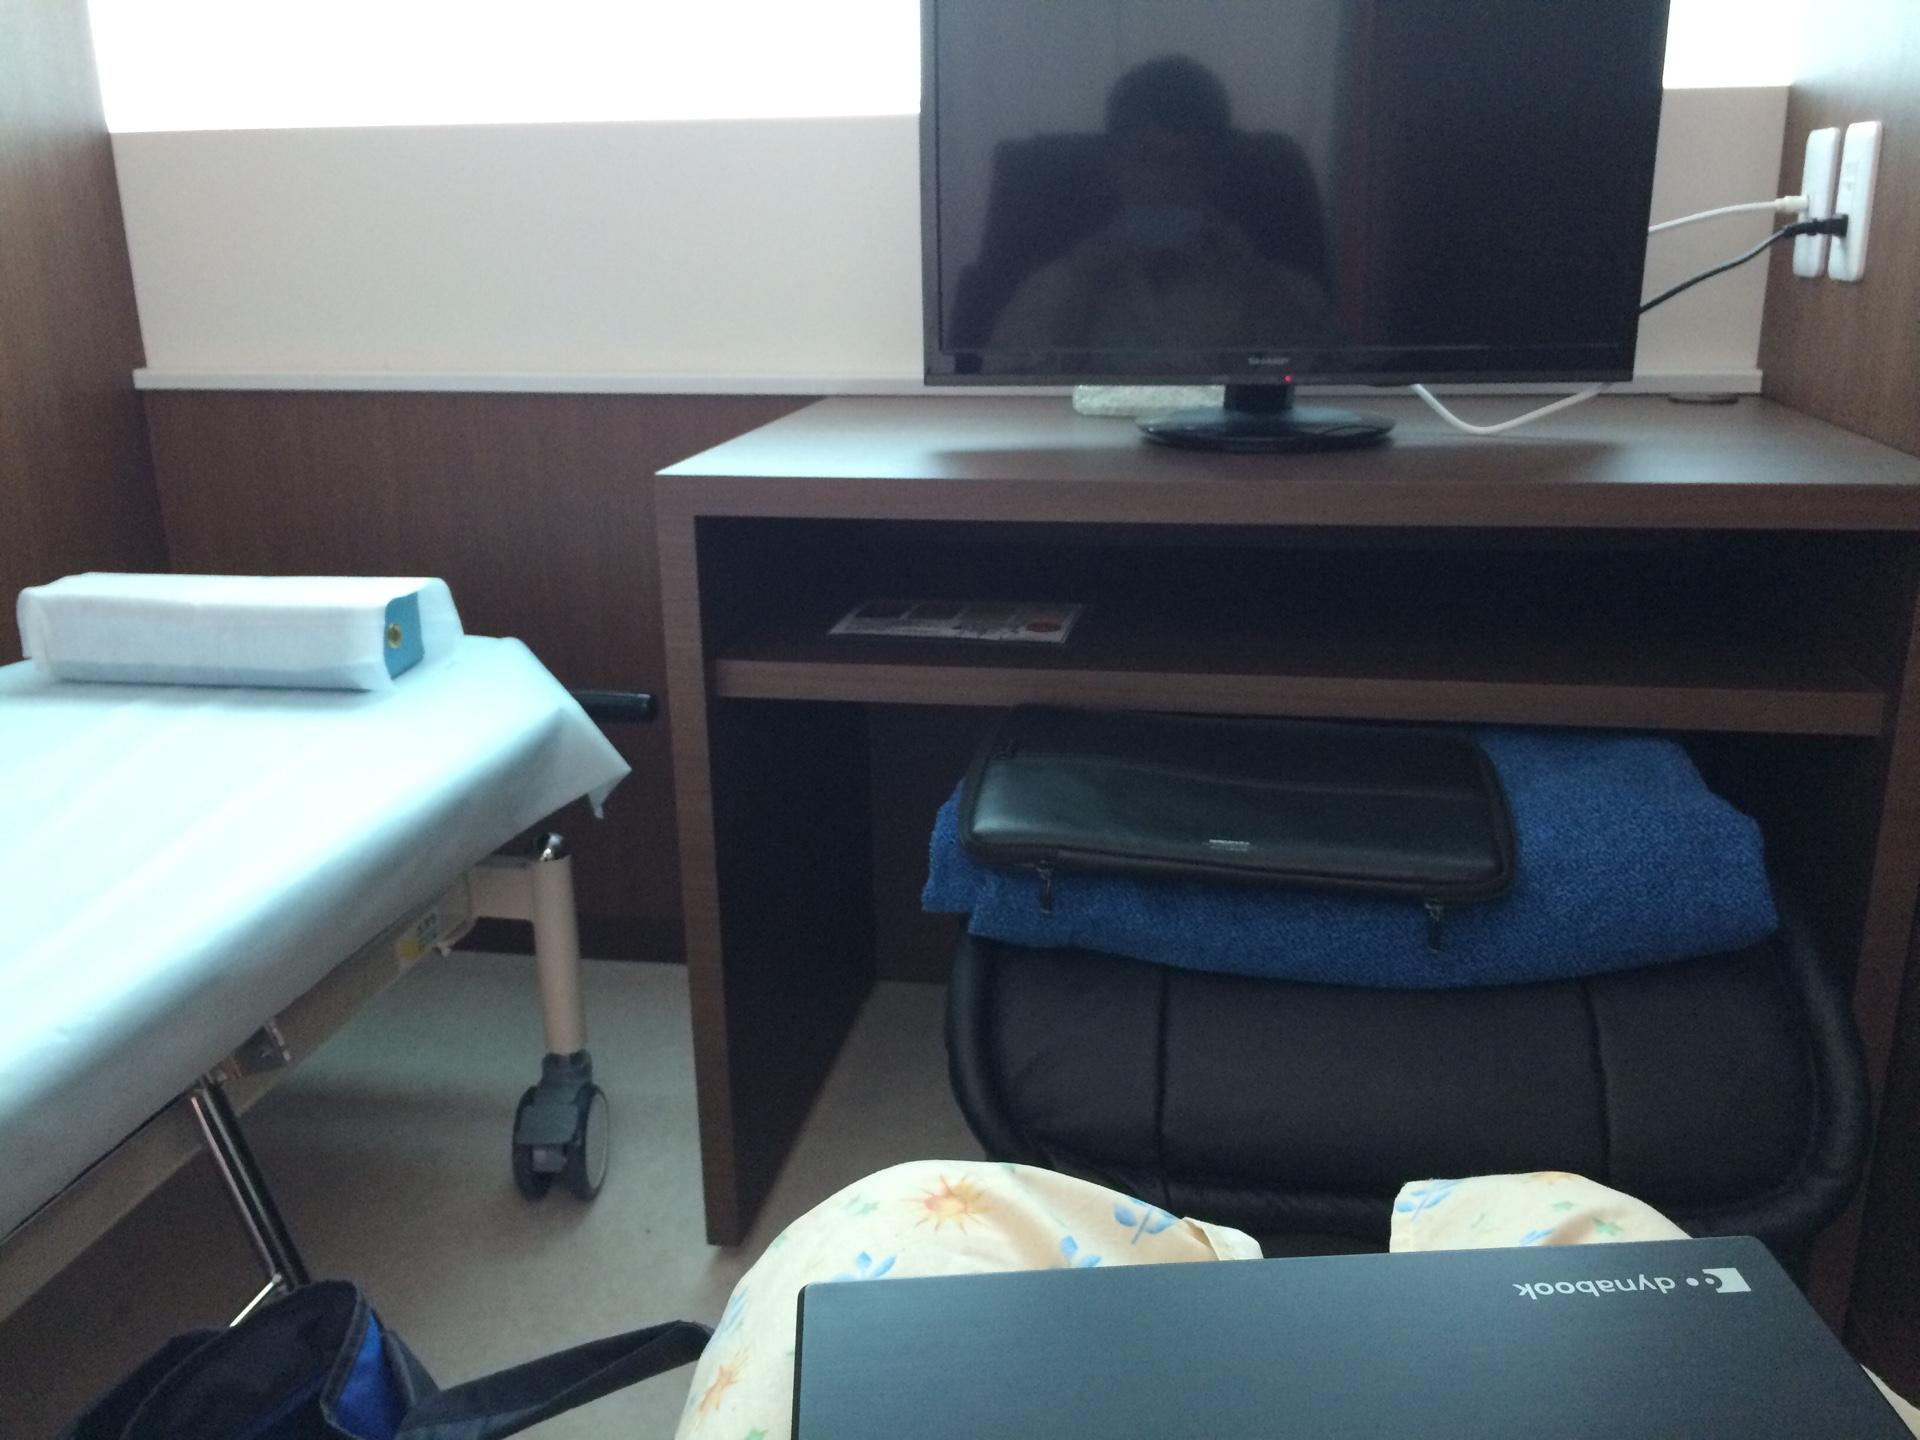 ふしや内科・消化器内科クリニックのリカバリールーム